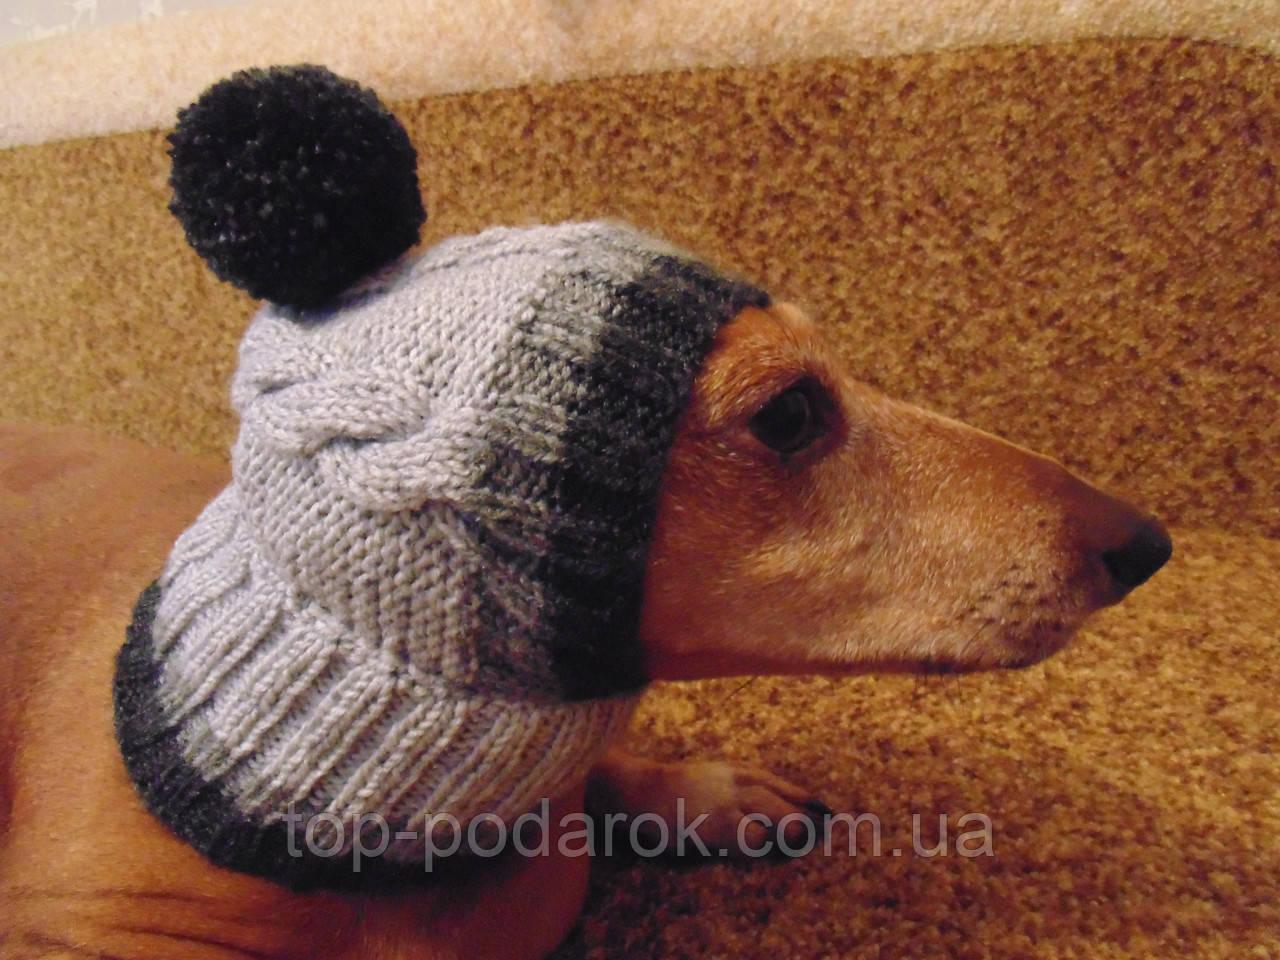 шапка для собакишапка для таксыодежда для домашних животных цена